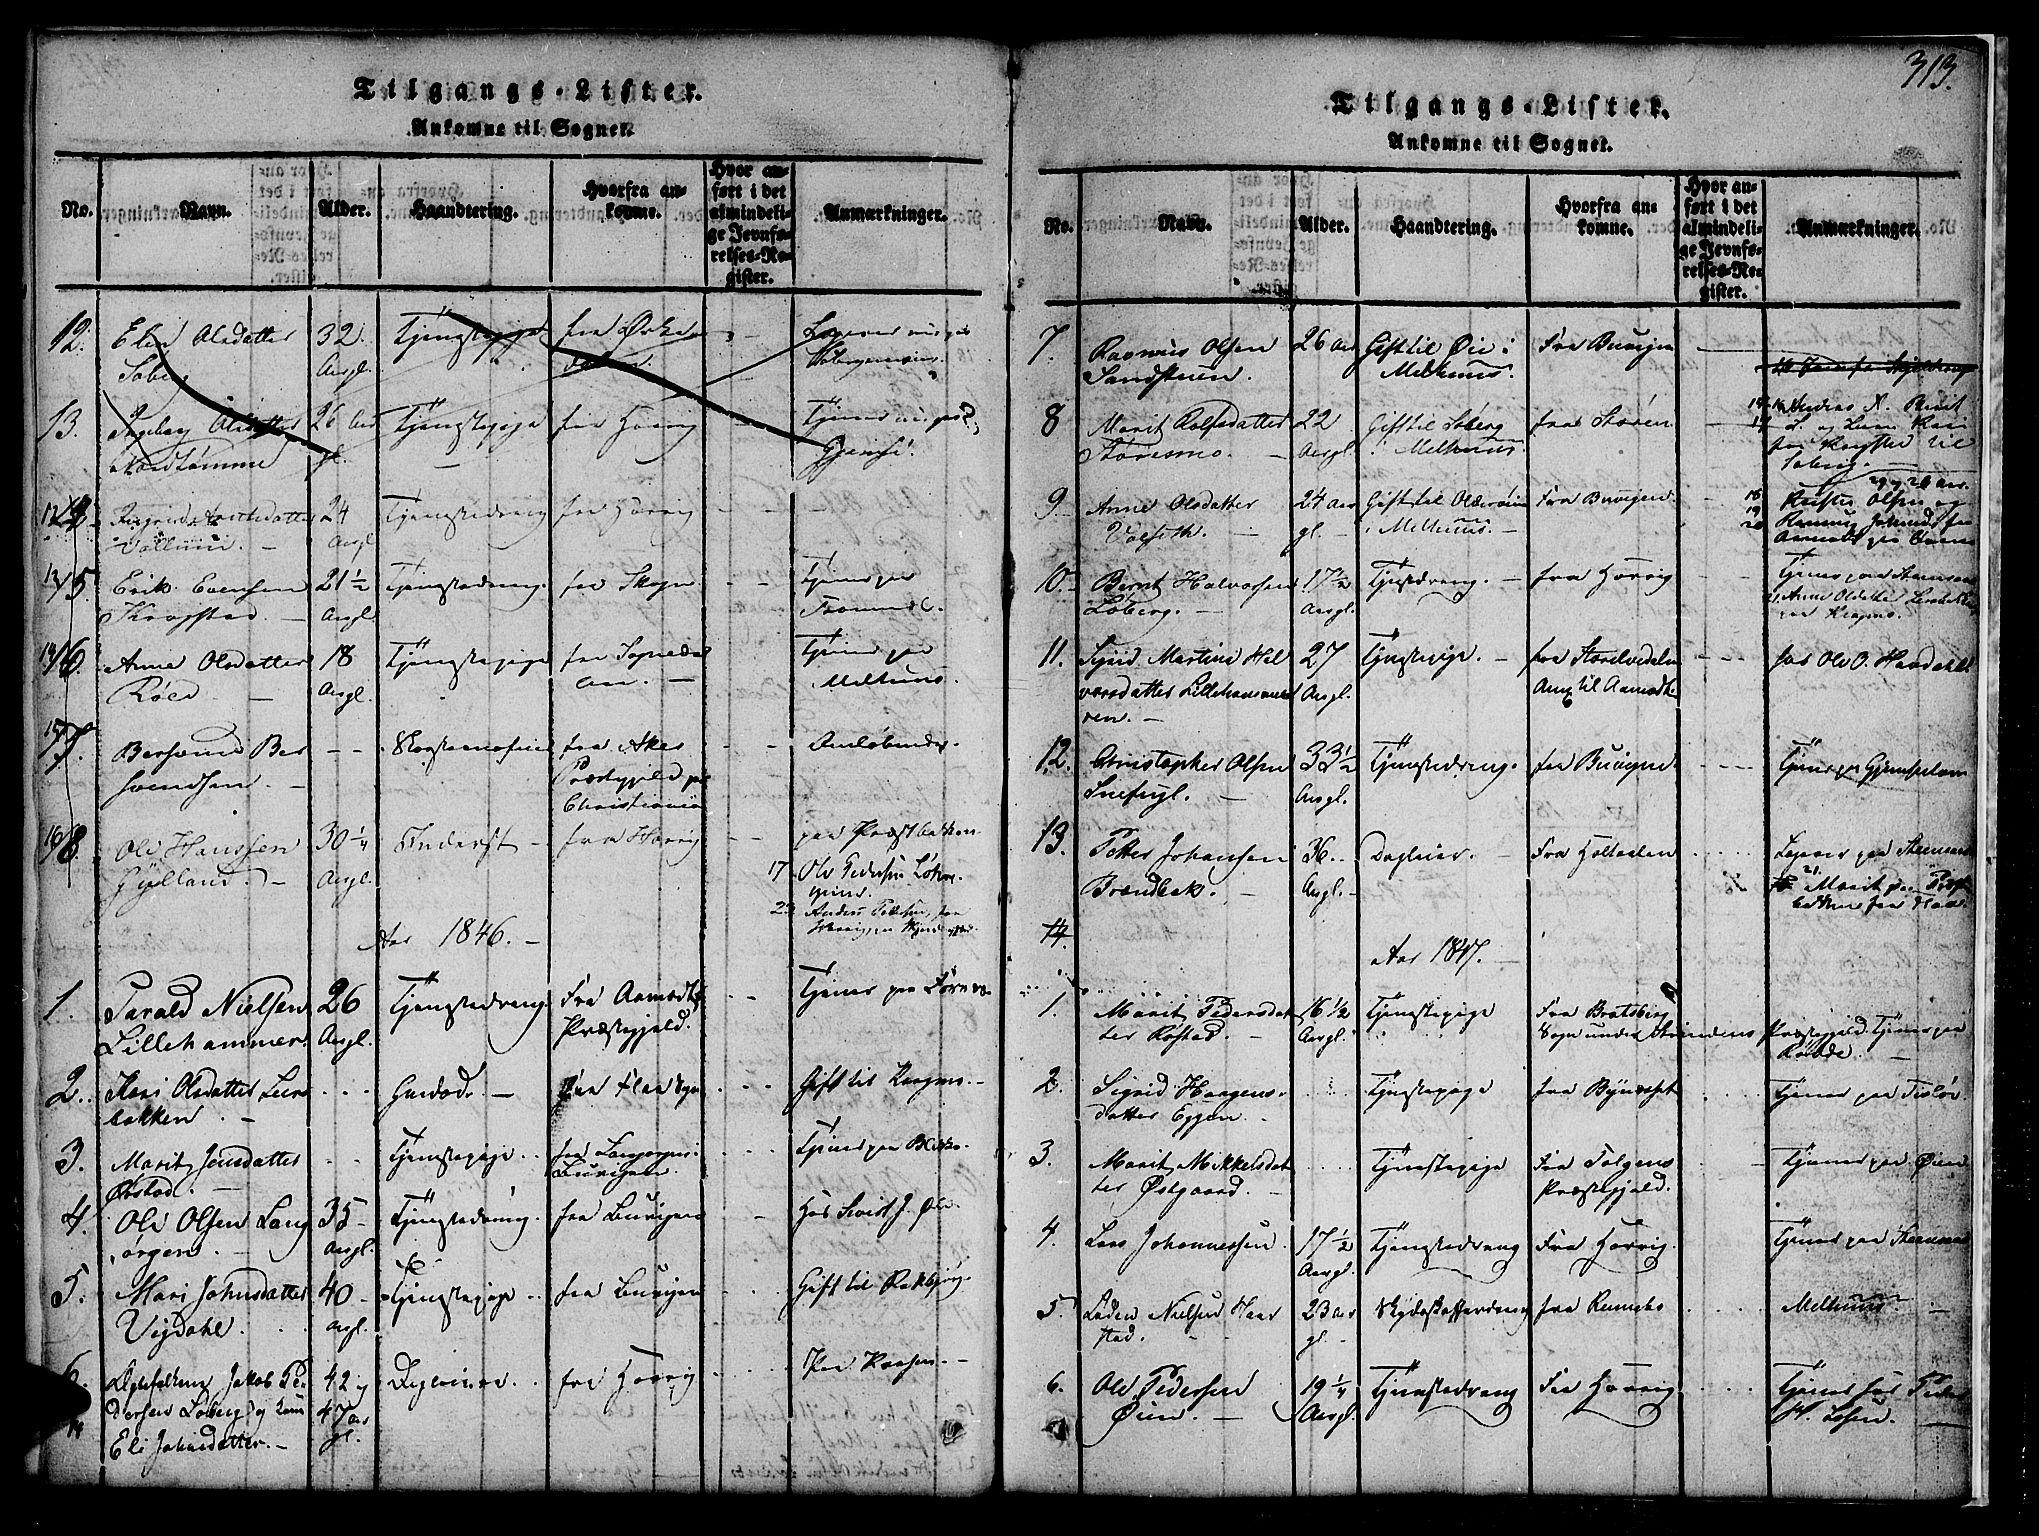 SAT, Ministerialprotokoller, klokkerbøker og fødselsregistre - Sør-Trøndelag, 691/L1092: Klokkerbok nr. 691C03, 1816-1852, s. 313